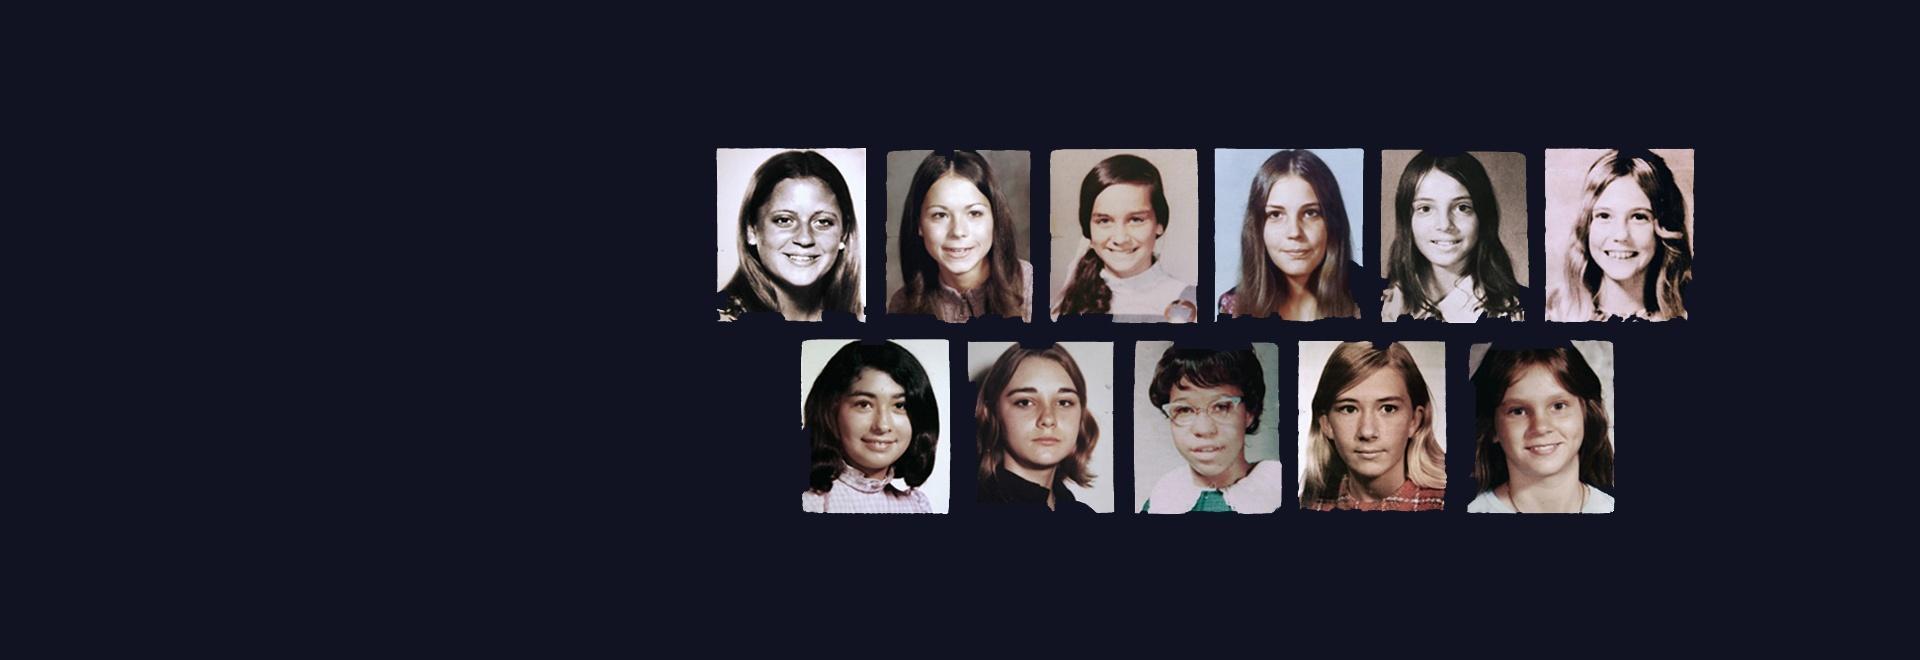 Il mistero delle undici ragazze